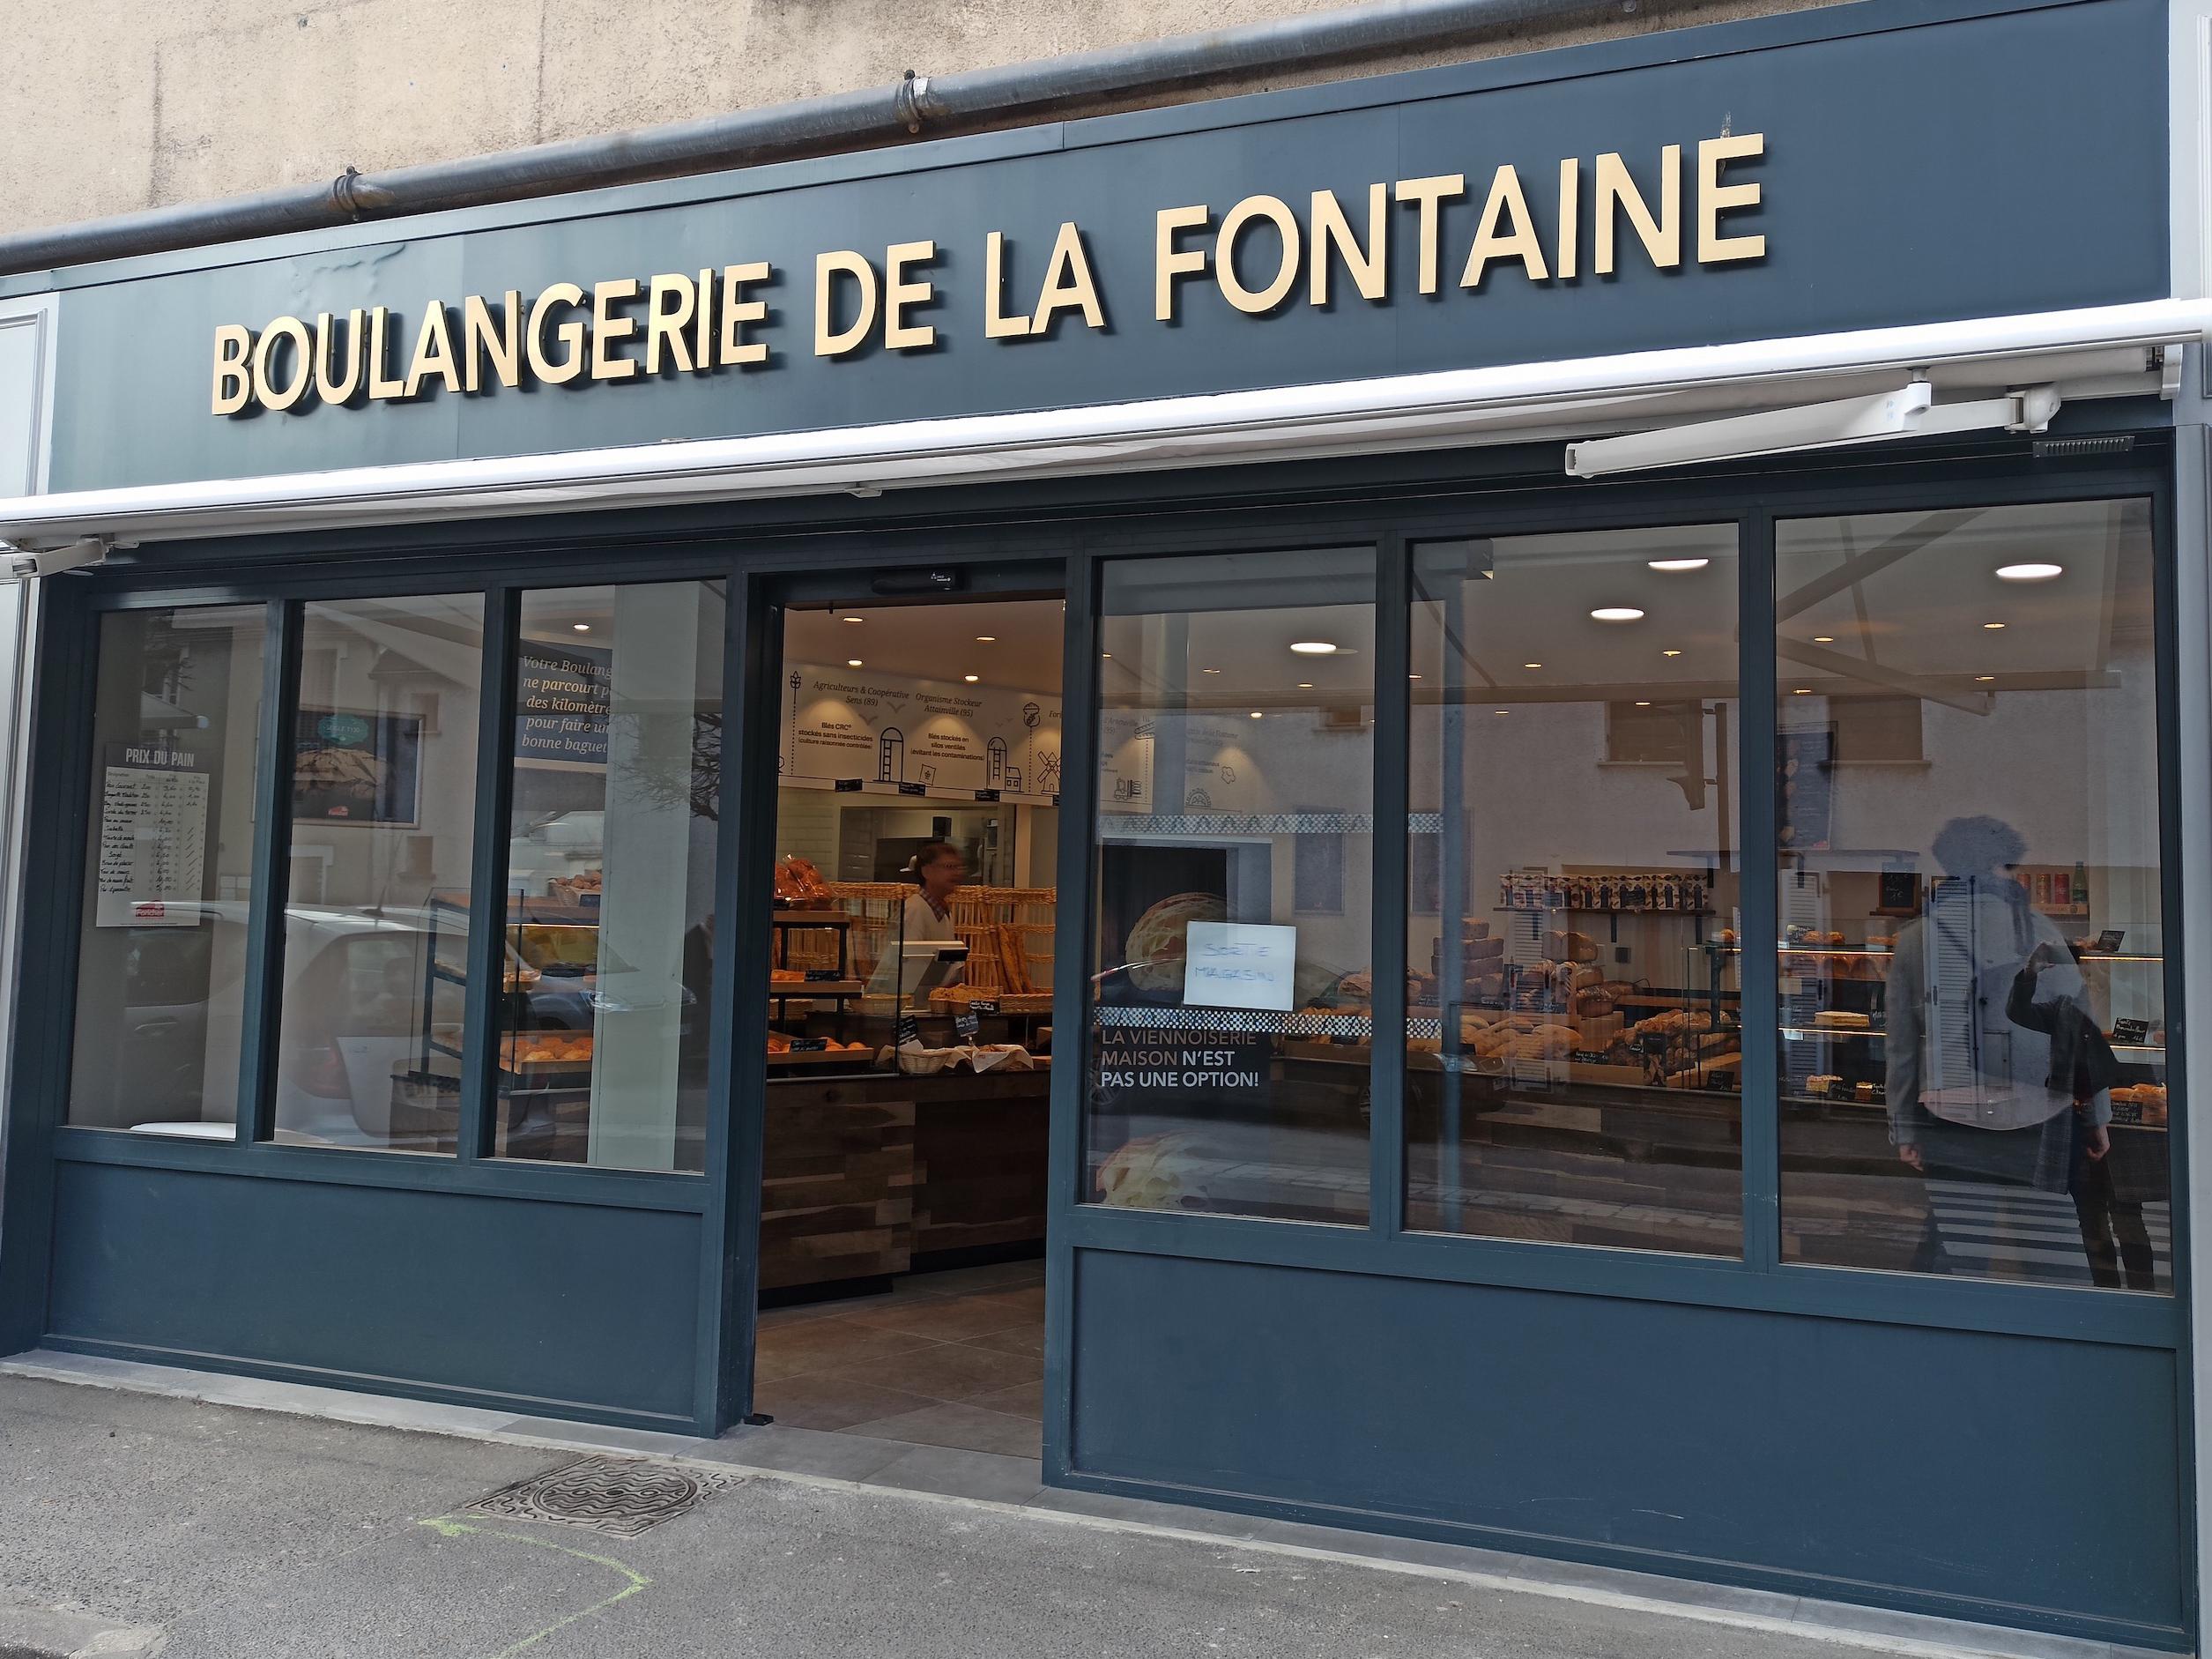 Boulangerie de la fontaine Arnouville